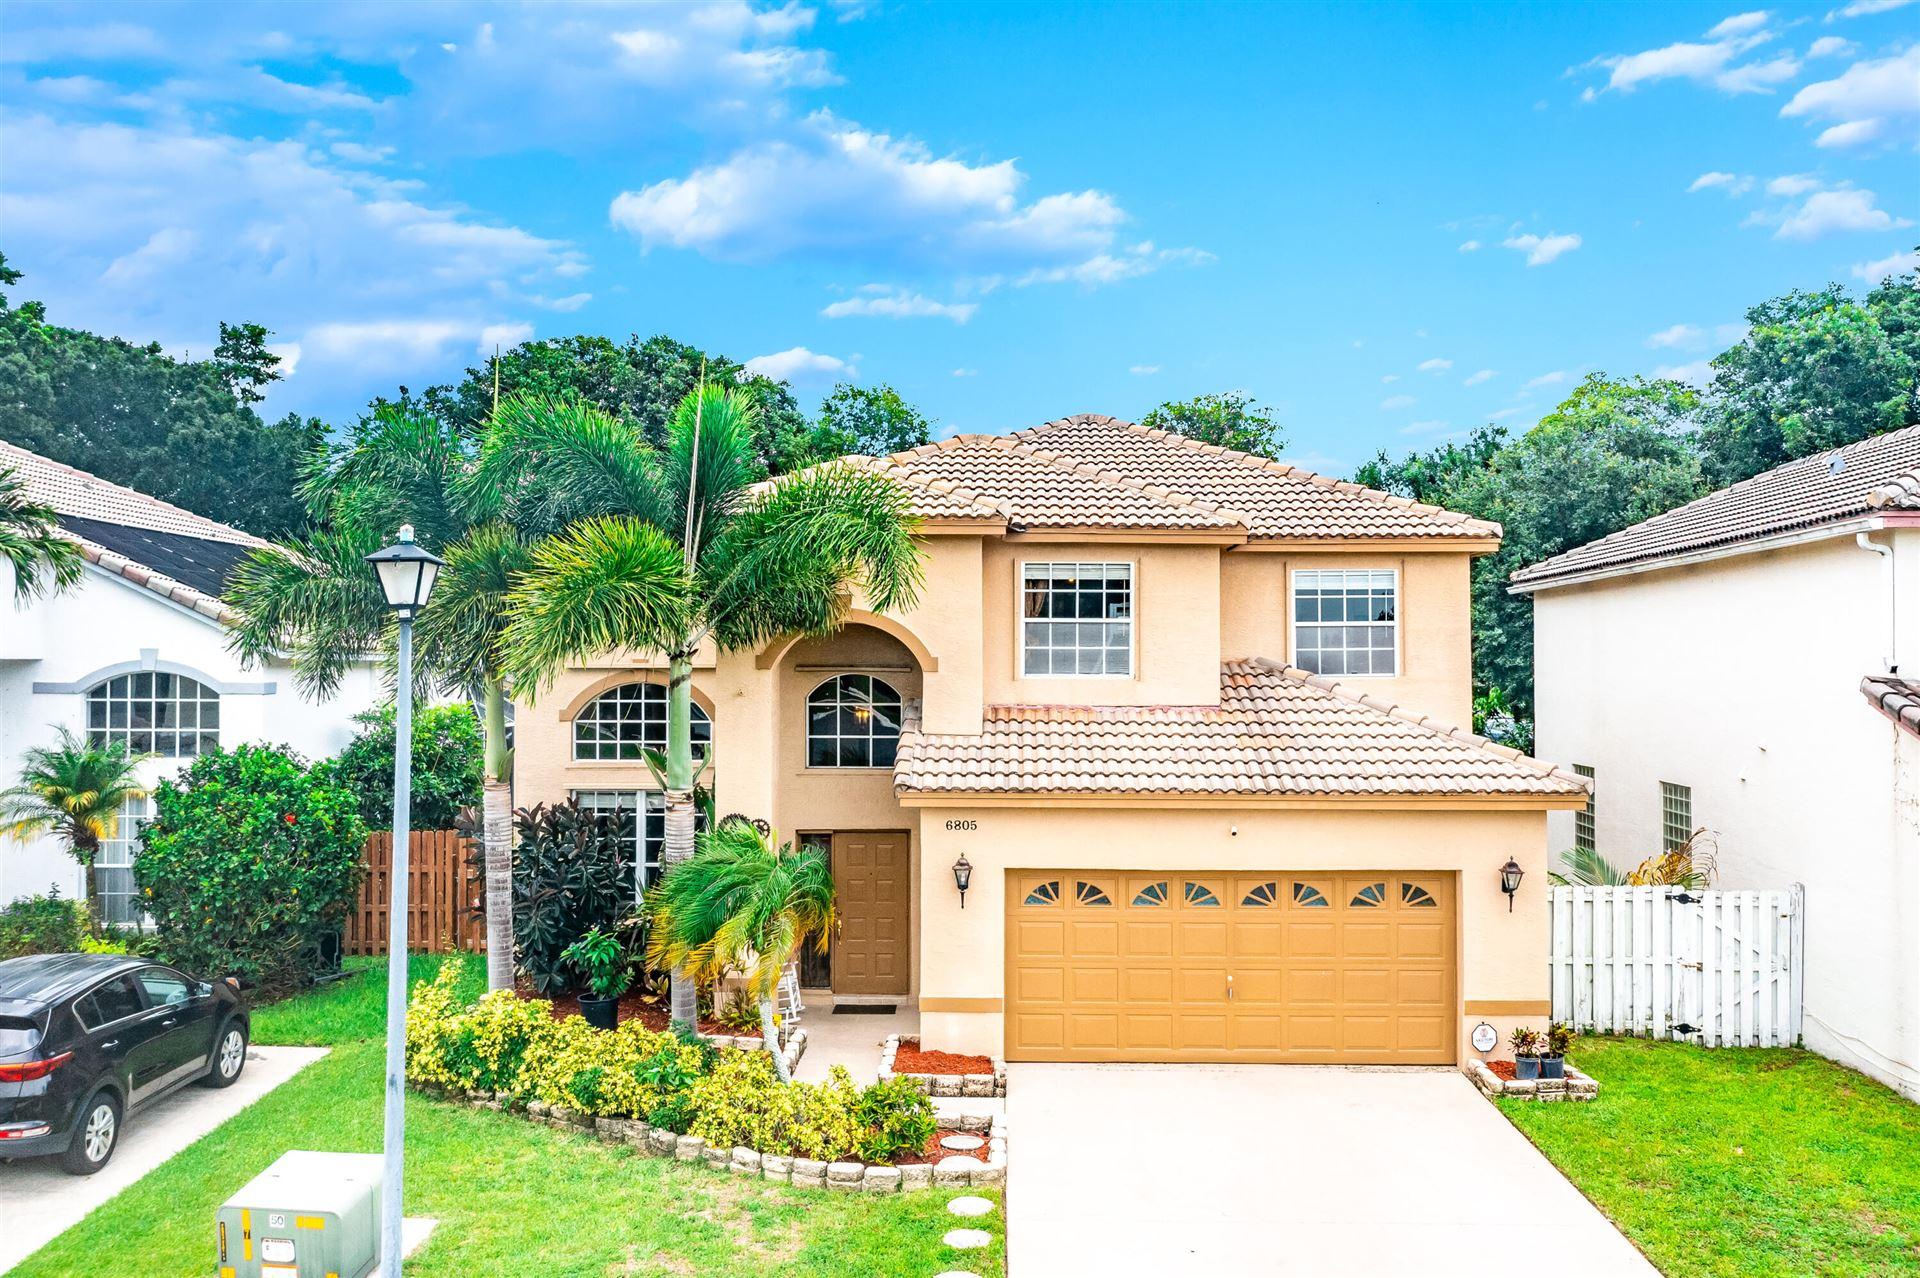 6805 Coral Reef Street, Lake Worth, FL 33467 - MLS#: RX-10729165